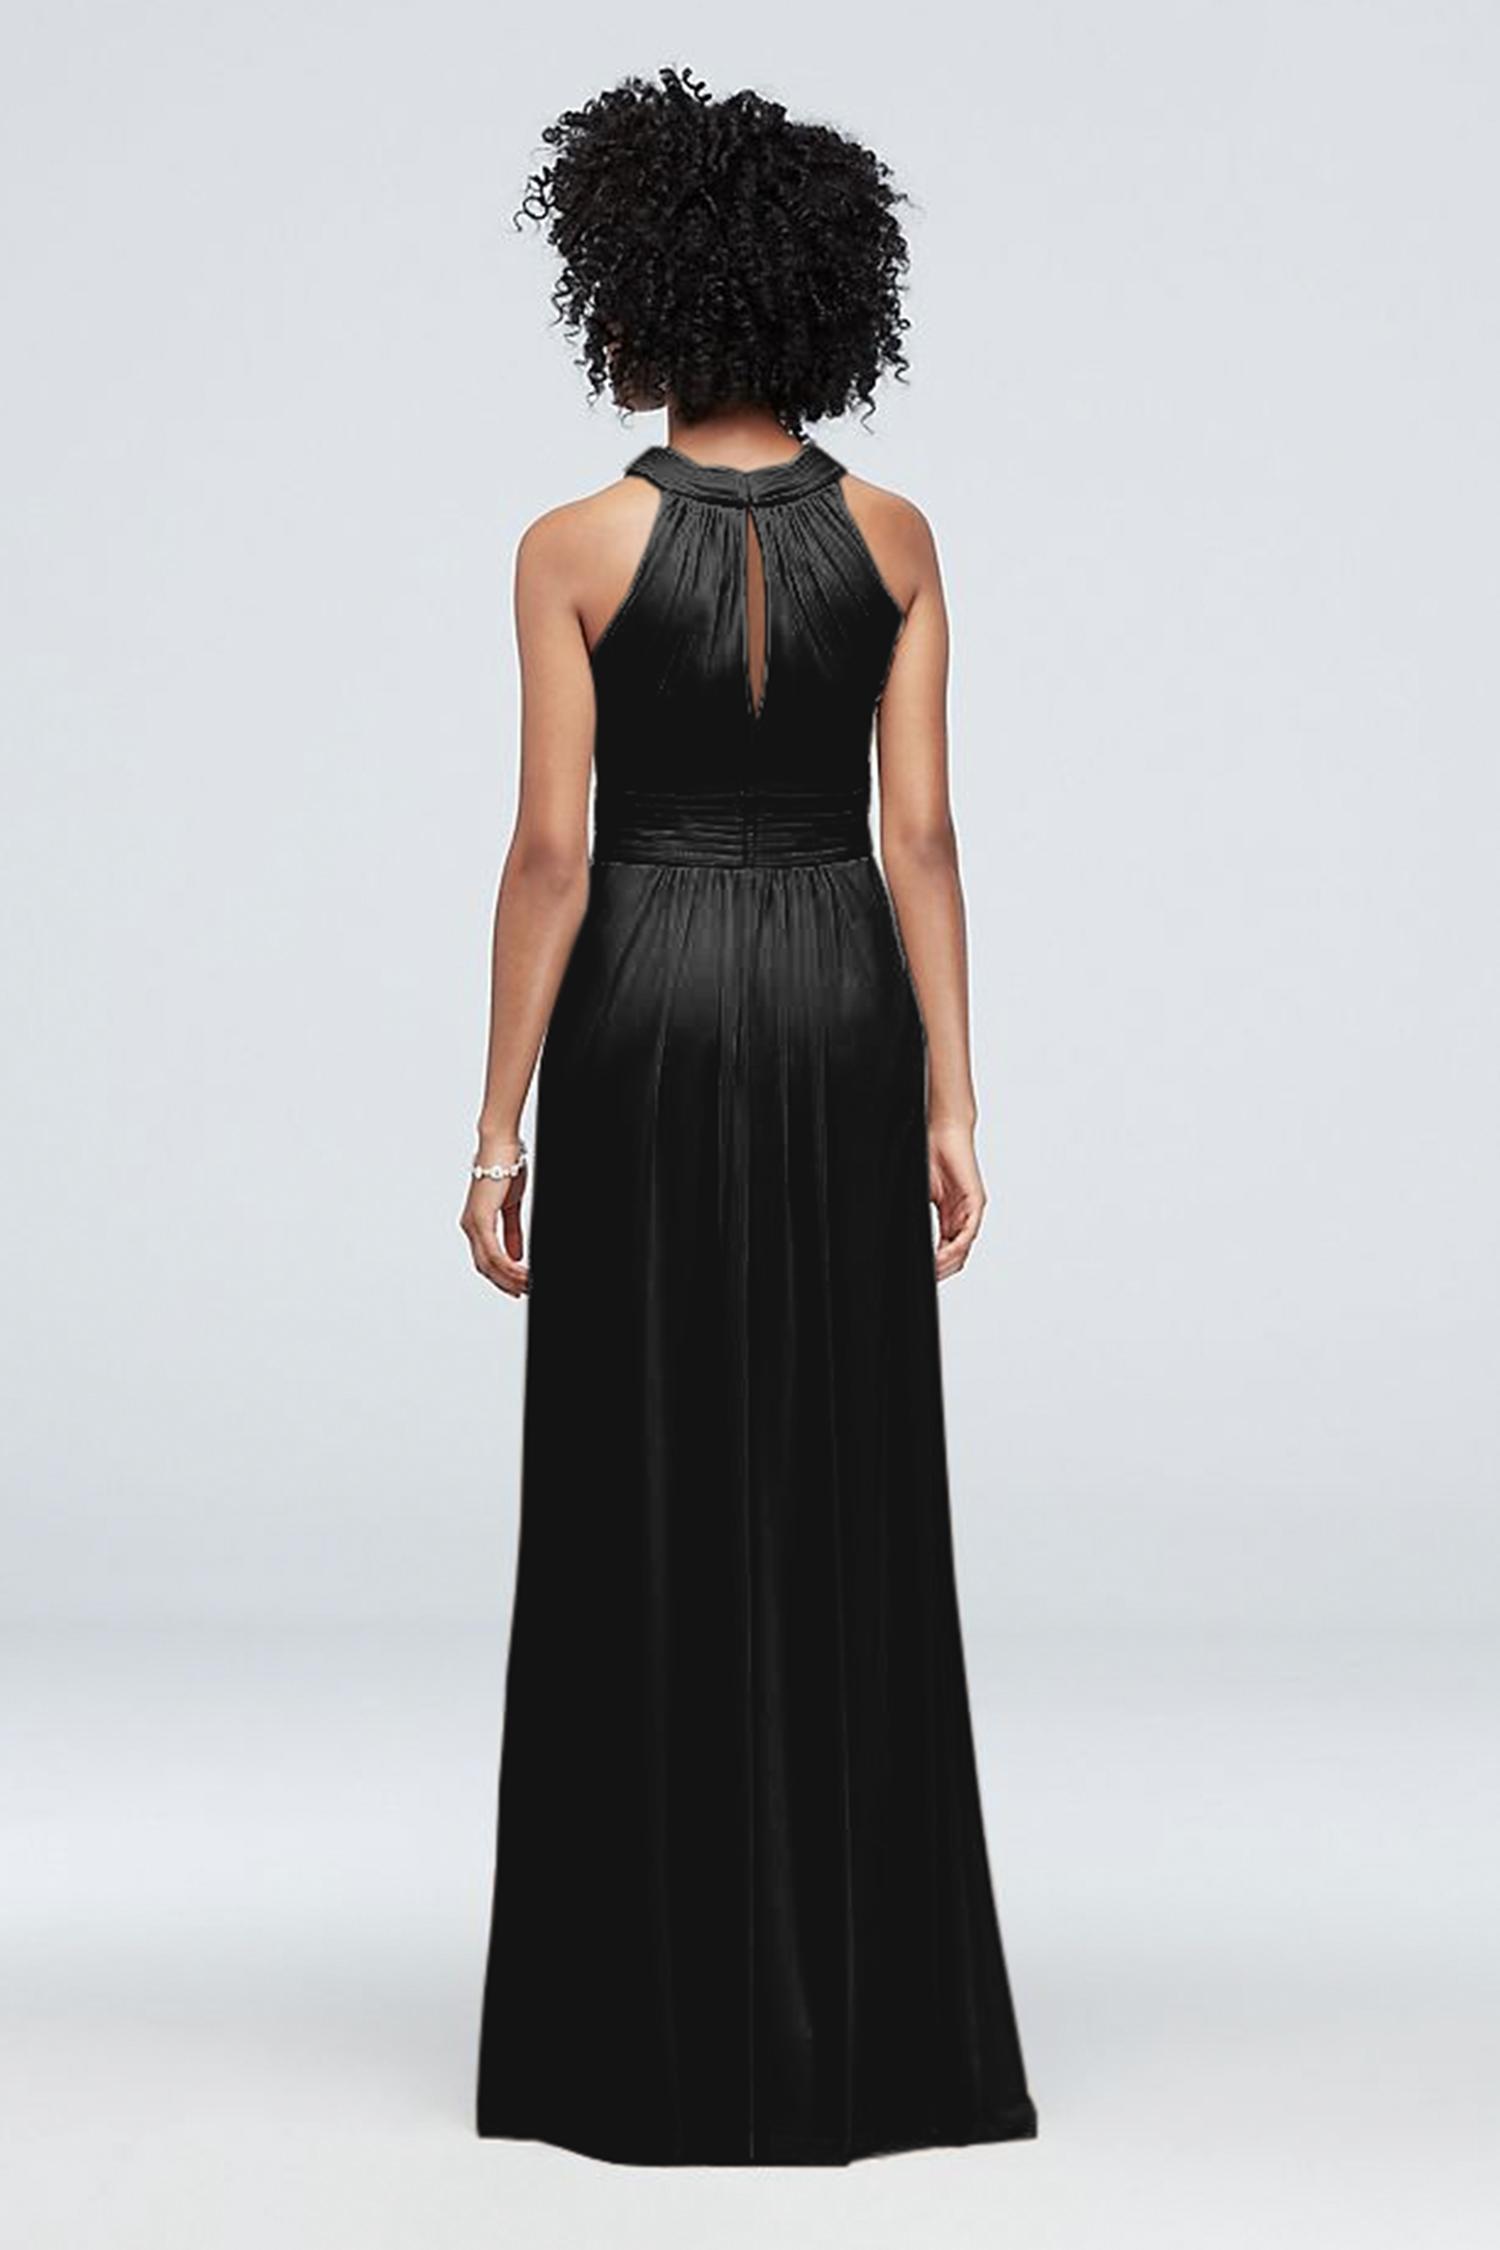 Siyah Çapraz Halter Yaka Yırtmaçlı Elbise - Thumbnail